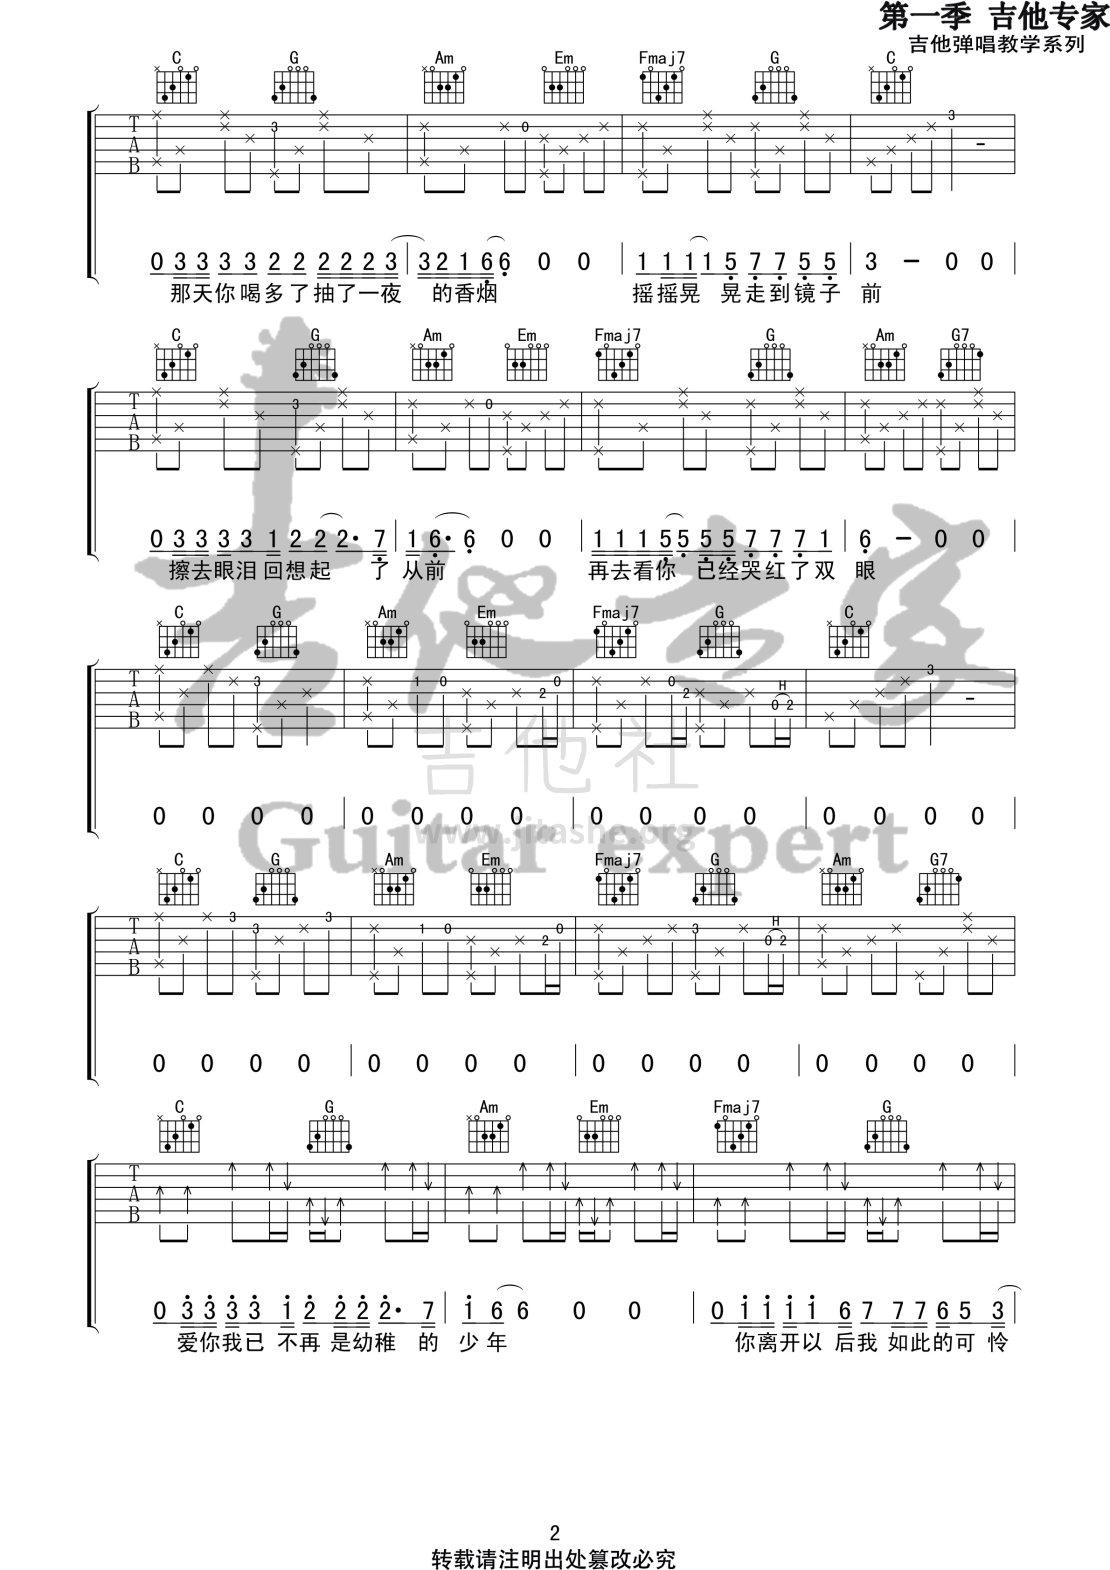 那个女孩(音艺吉他专家弹唱教学:第一季第38集)吉他谱(图片谱,弹唱,伴奏,教程)_张泽熙_那个女孩2 第一季第三十八集.jpg